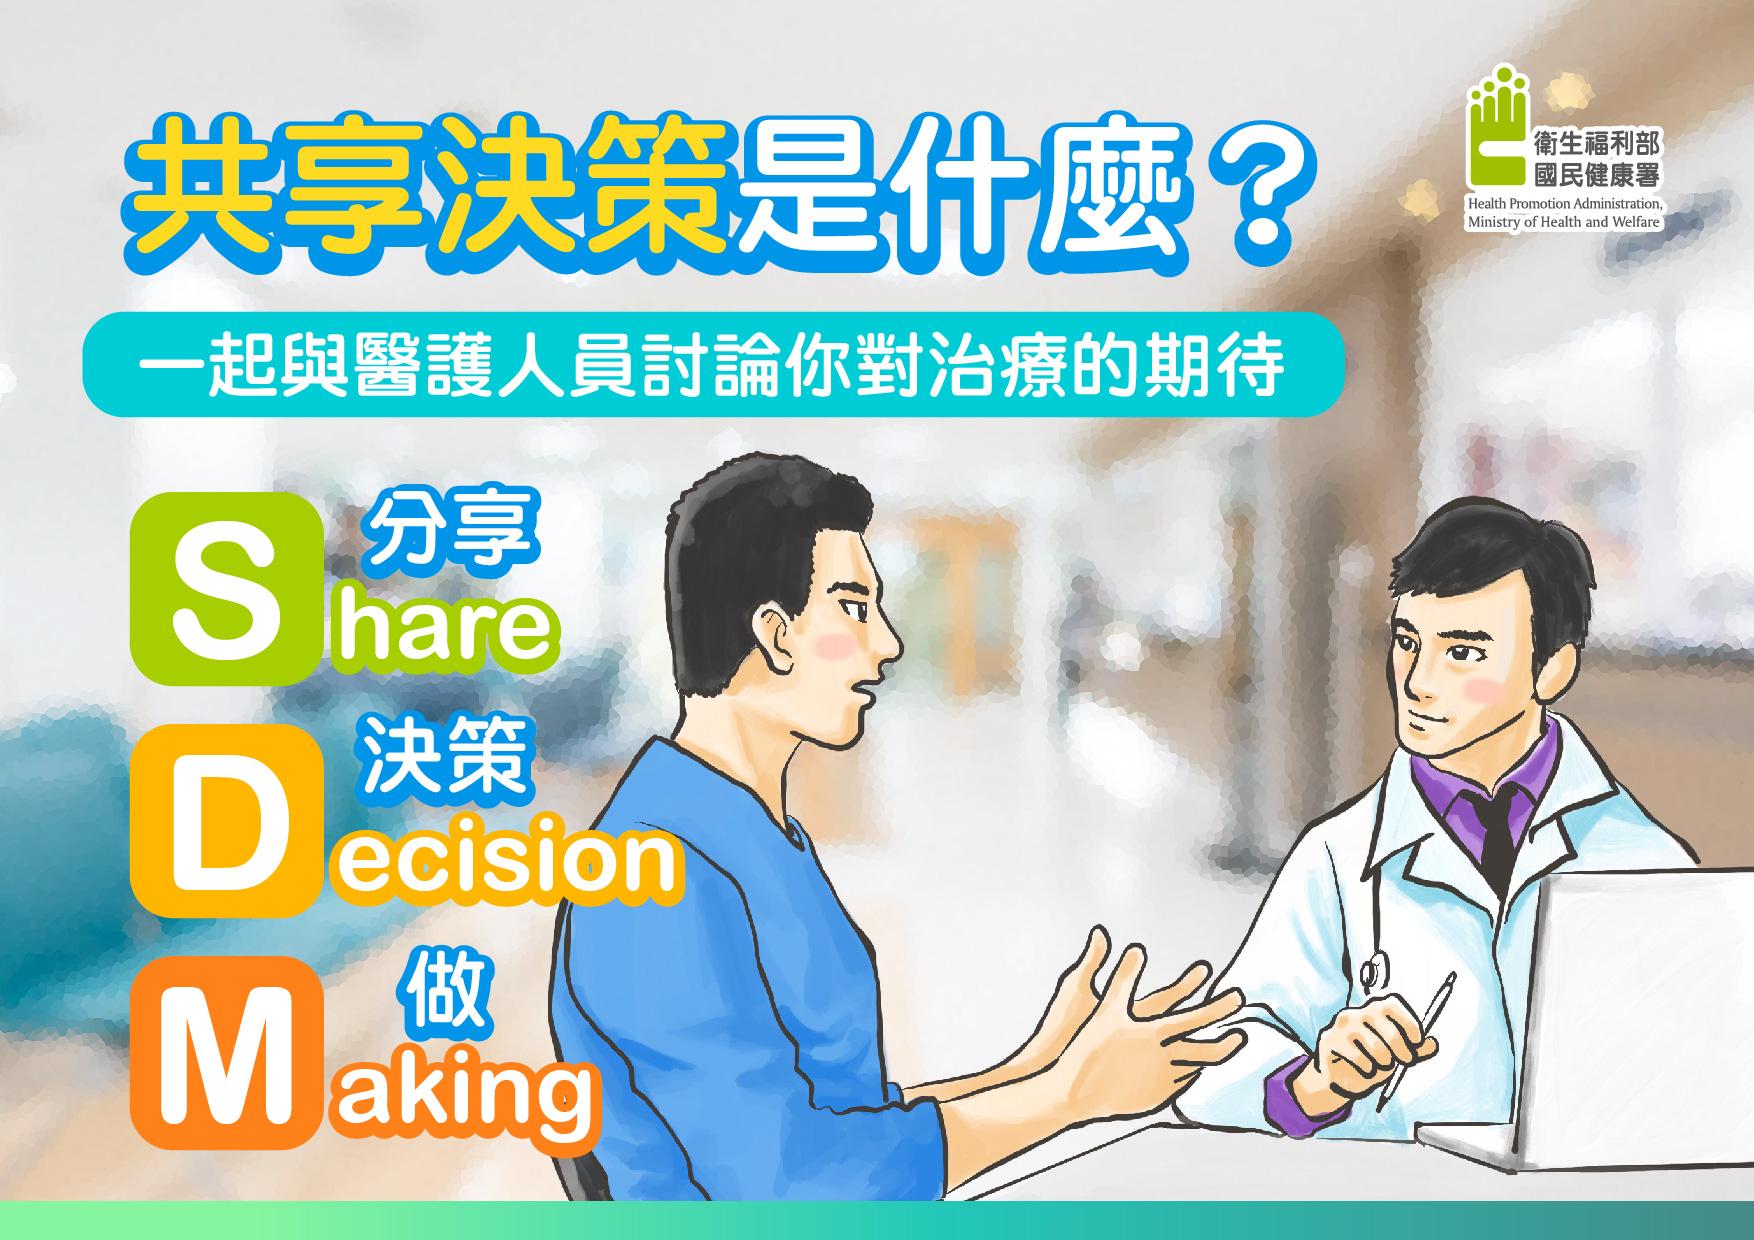 SDM醫病共享決策懶人包